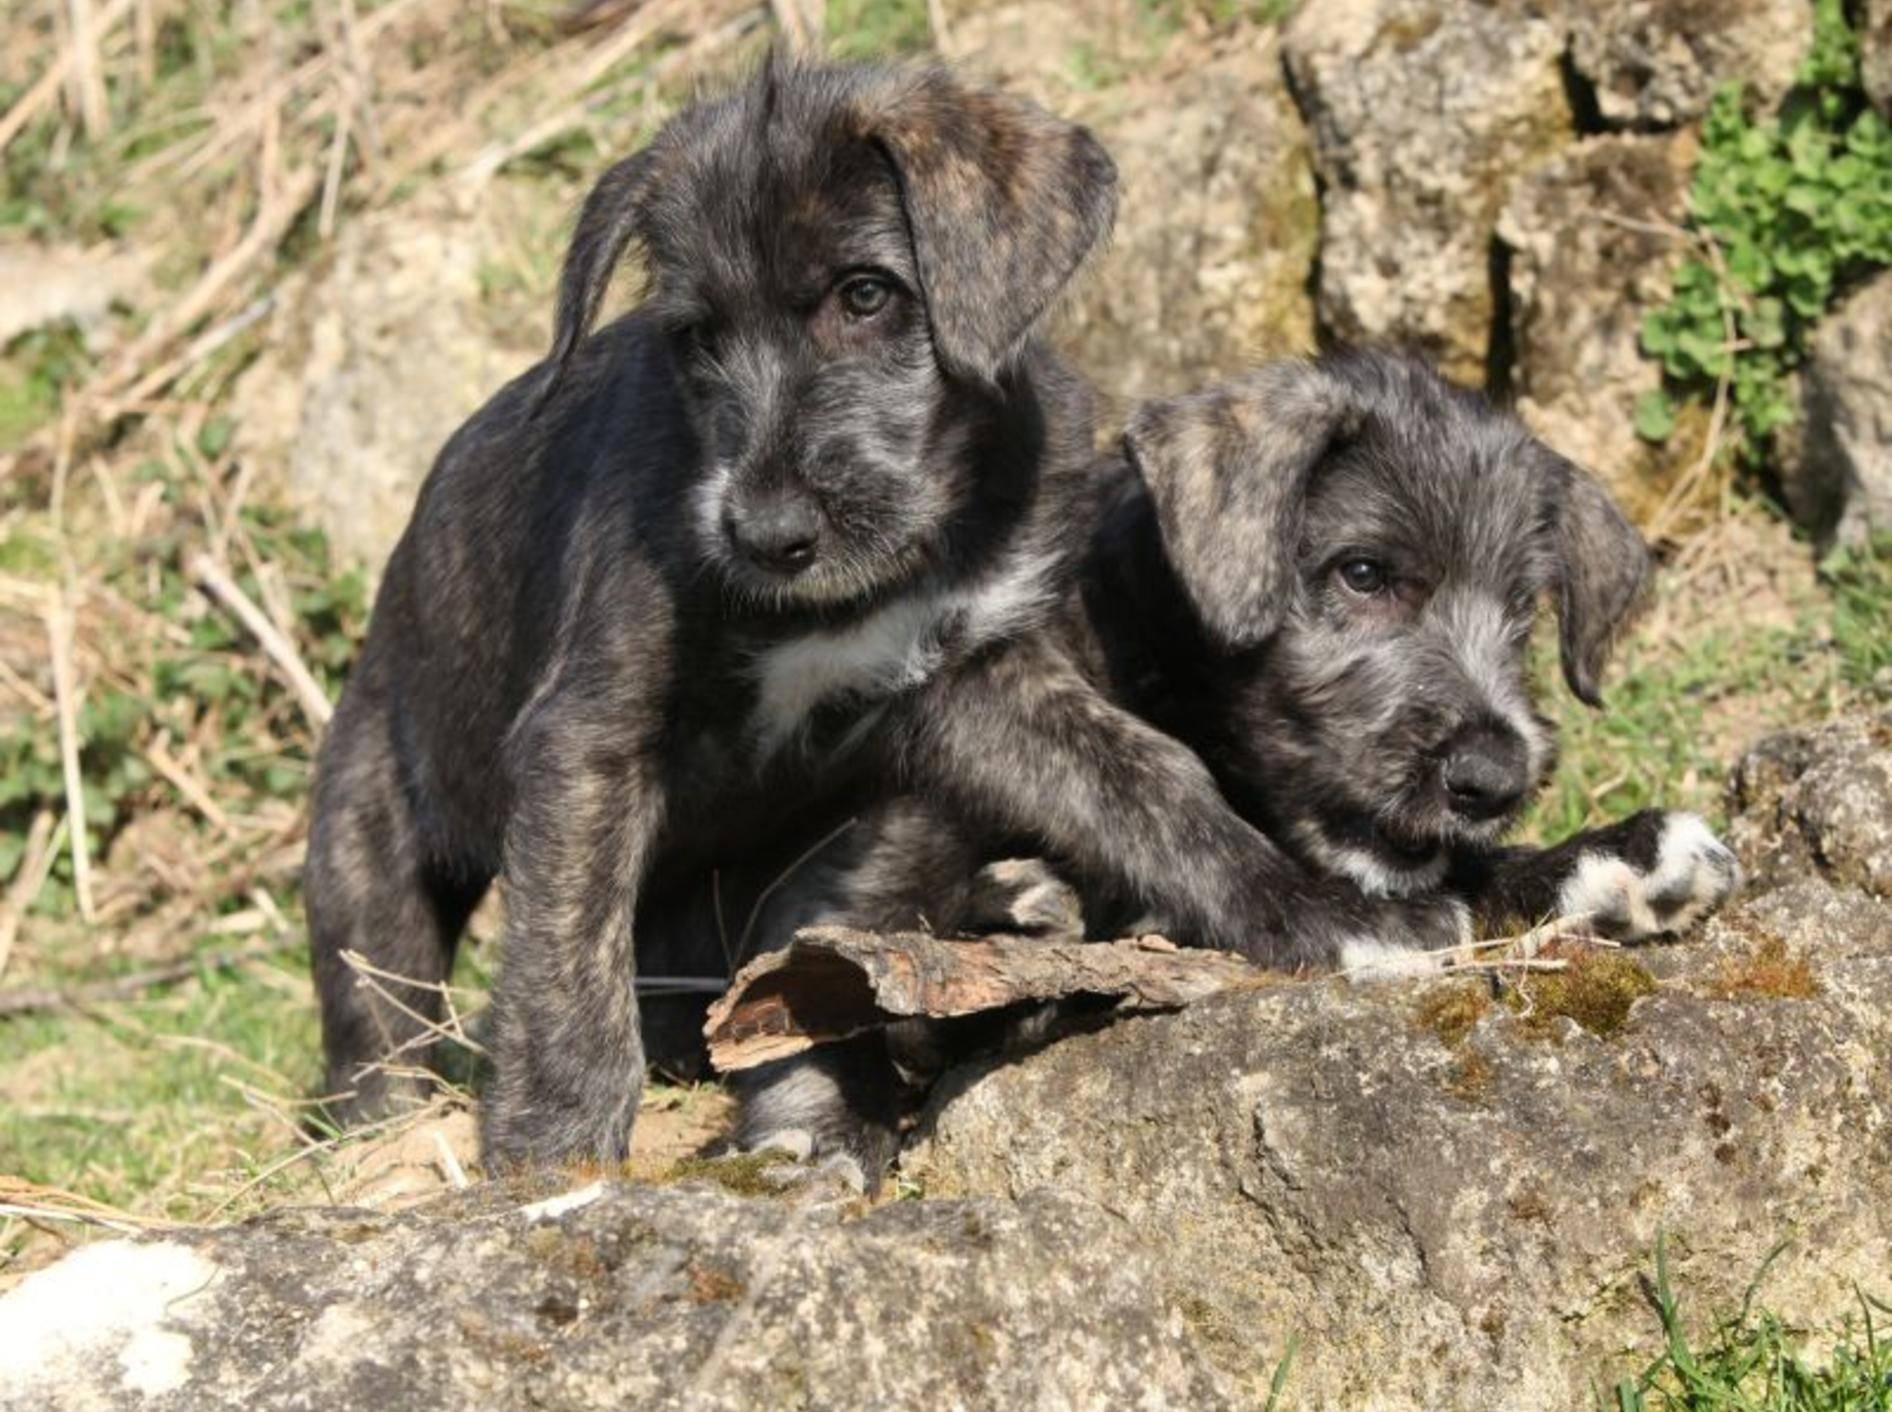 Diese Welpen beweisen: Jeder fängt mal klein an, auch Irische Wolfshunde – Bild: Shutterstock / Zuzule